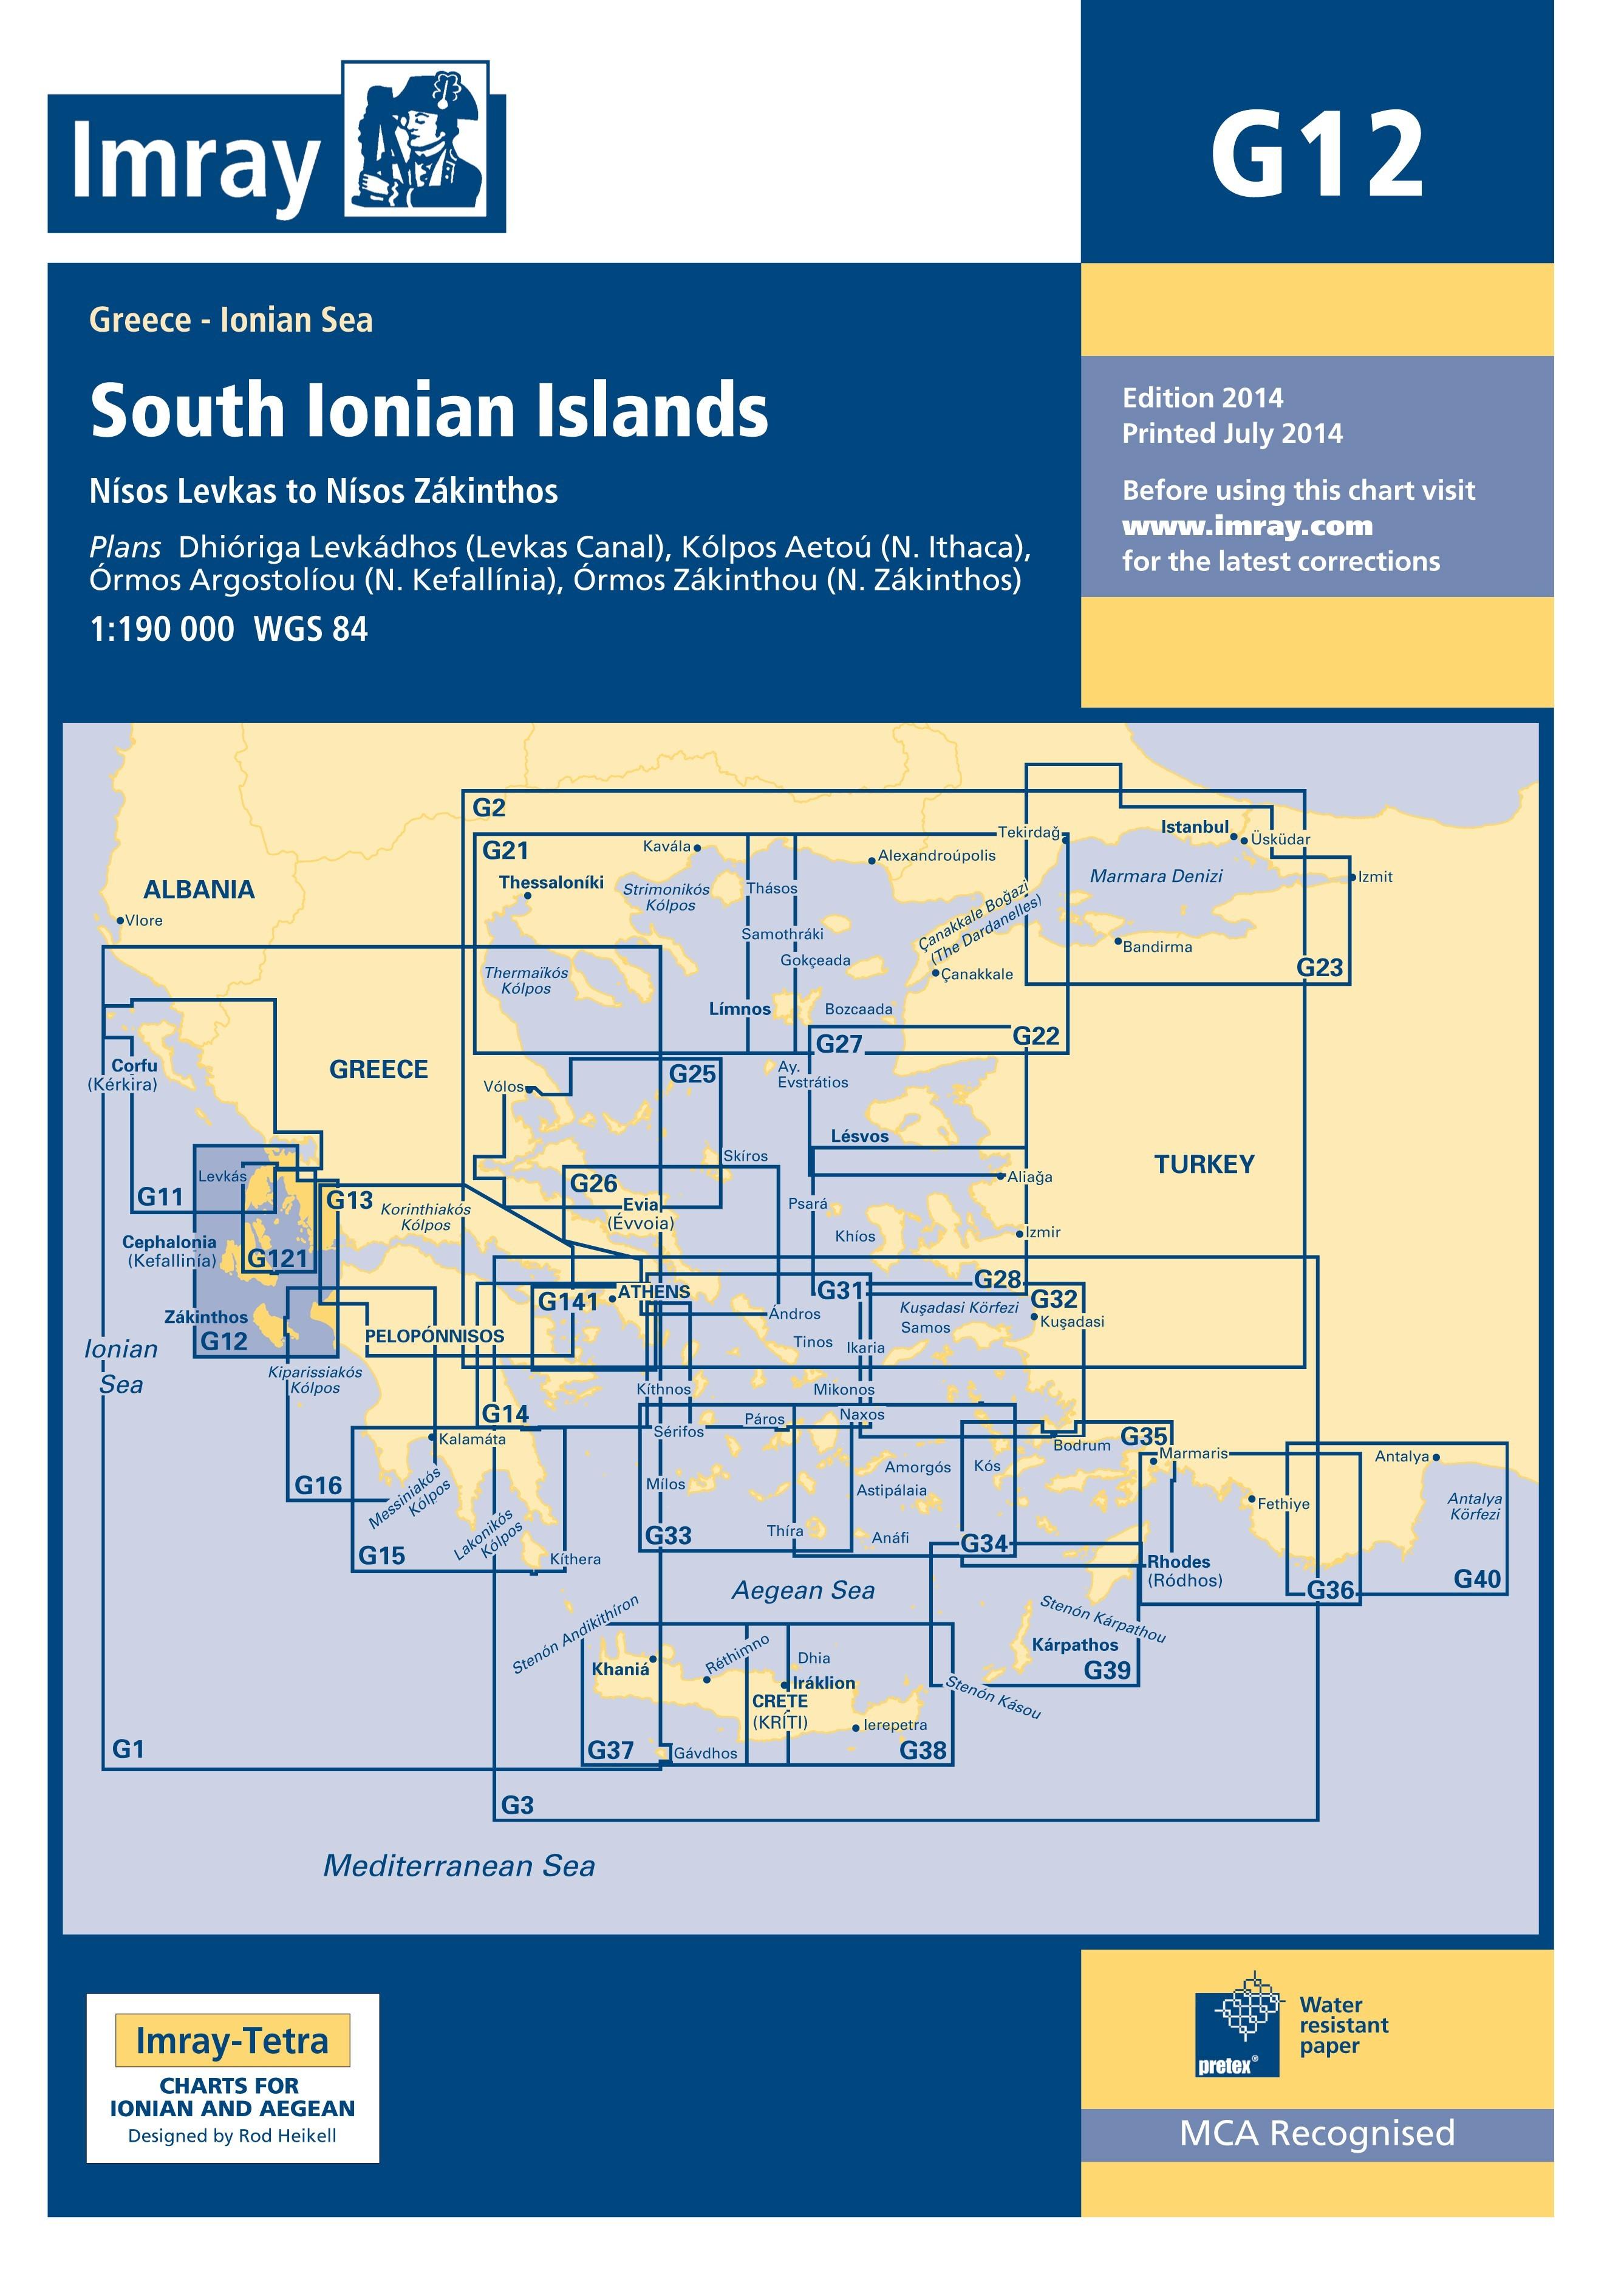 33.53 - Ναυτικός Χάρτης IMRAY ICG12-1 Νησιά Νοτίου Ιονίου